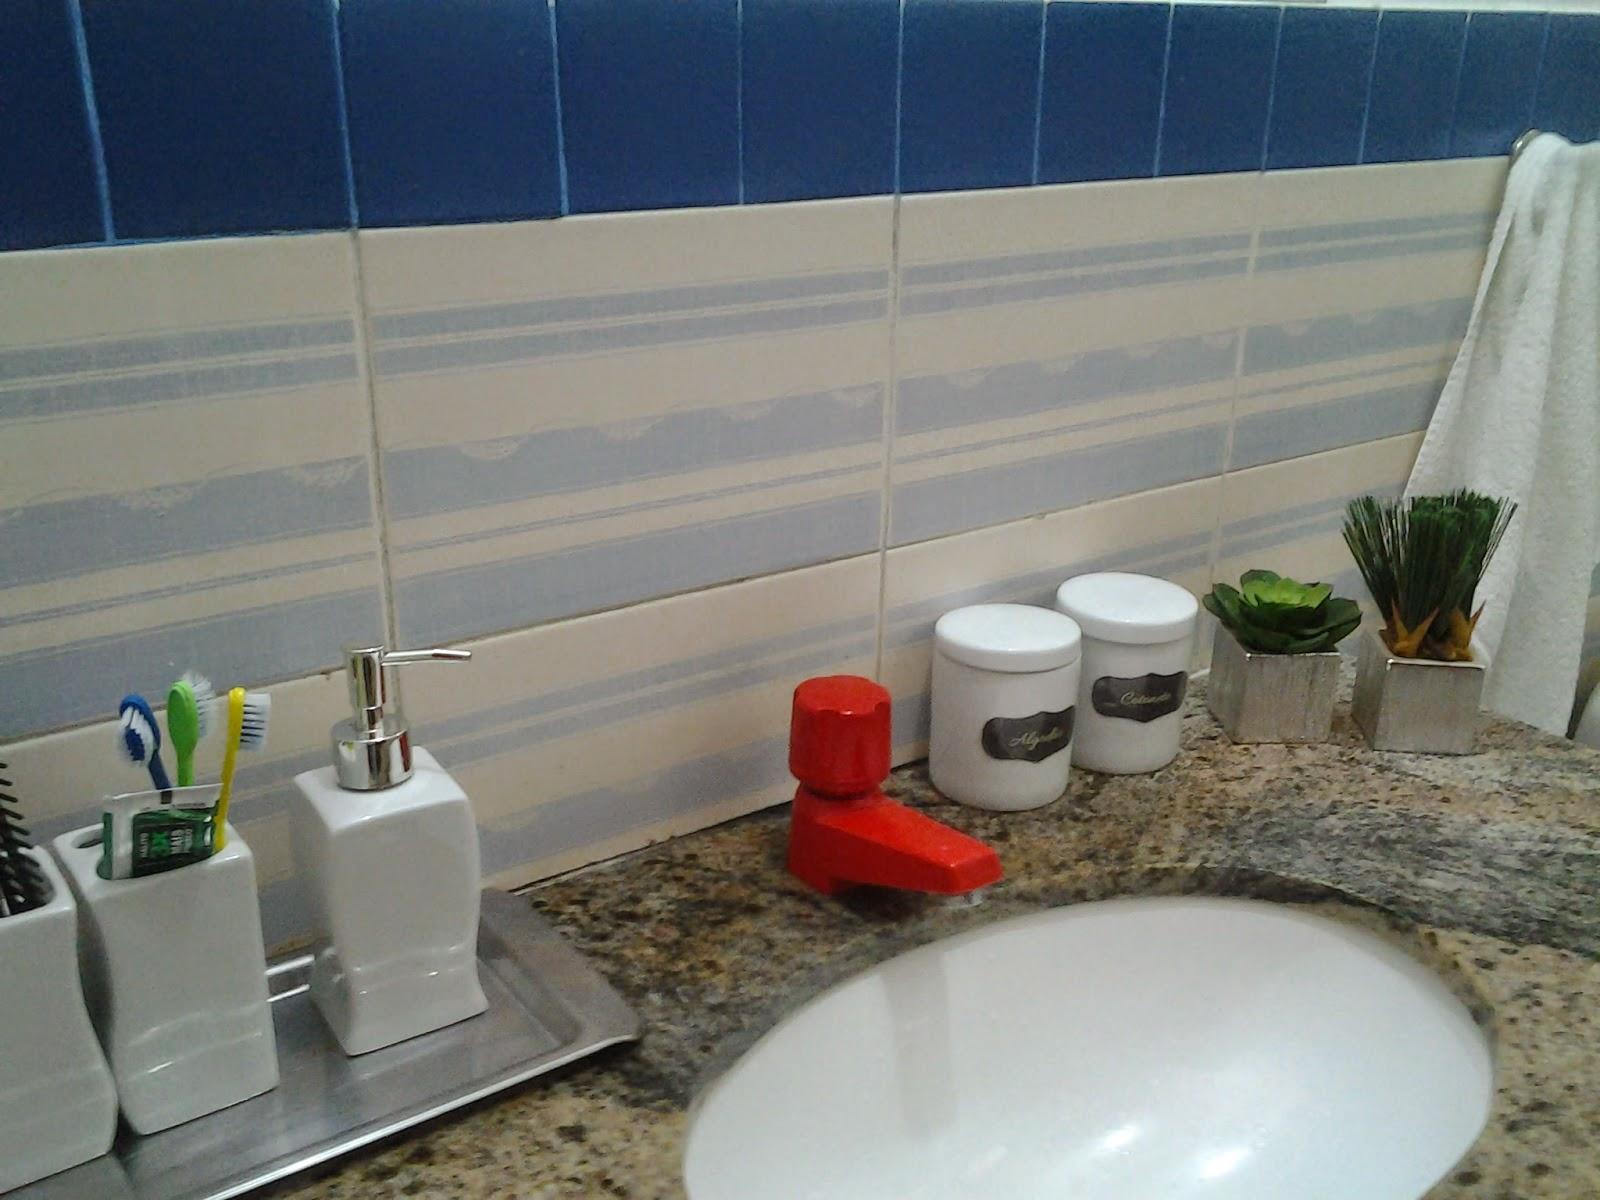 Como os dois potes que armazenam algodão e cotonetes são iguais e  #6B3224 1600x1200 Banheiro Bbb 2014